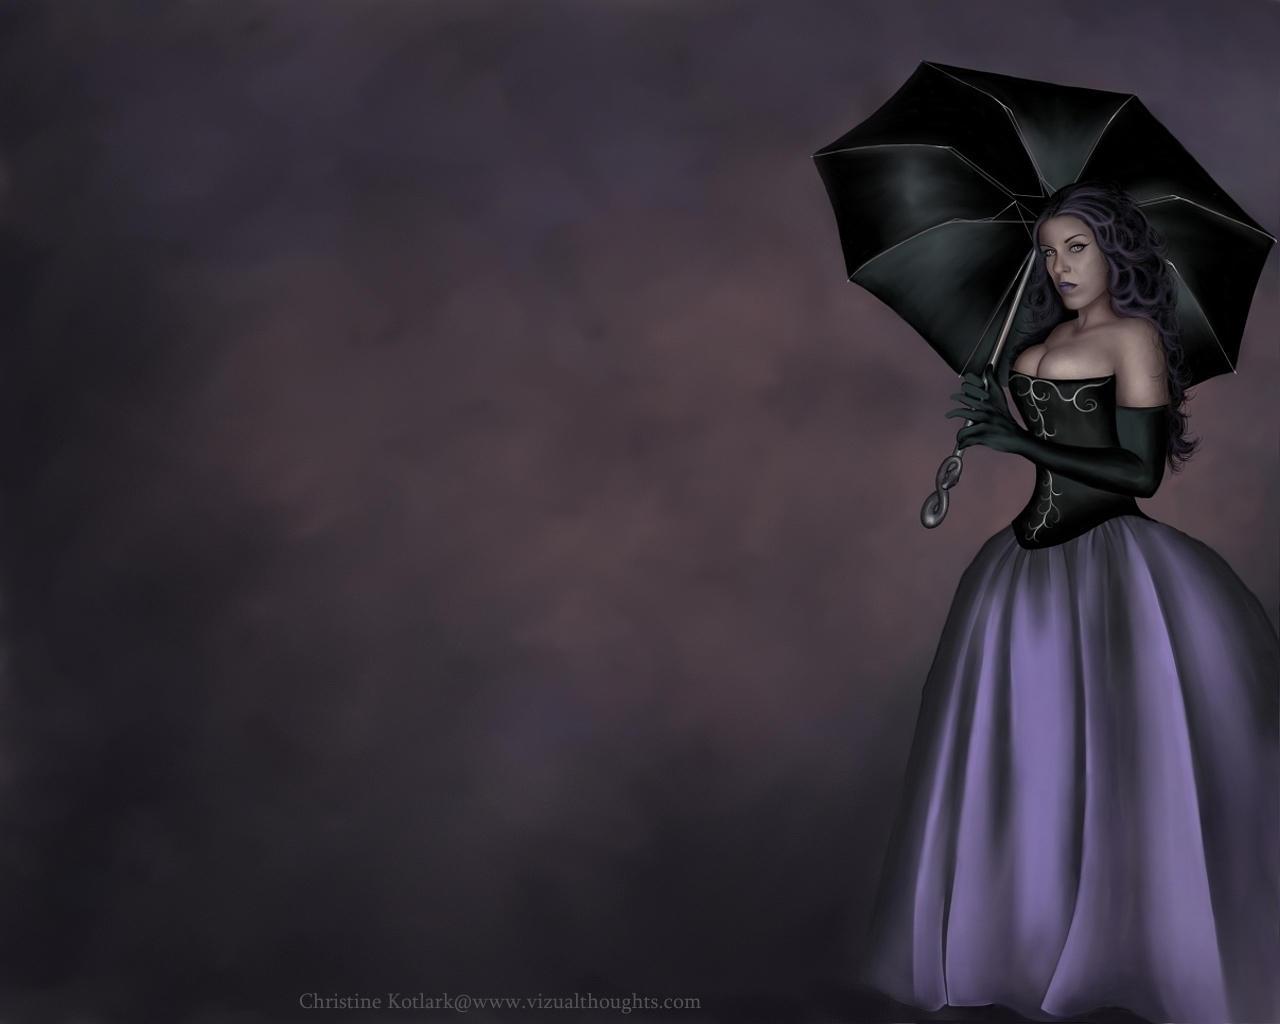 http://fc06.deviantart.net/fs10/i/2006/131/9/2/Purple_Gothic_wallpaper_by_chrissykotlark.jpg